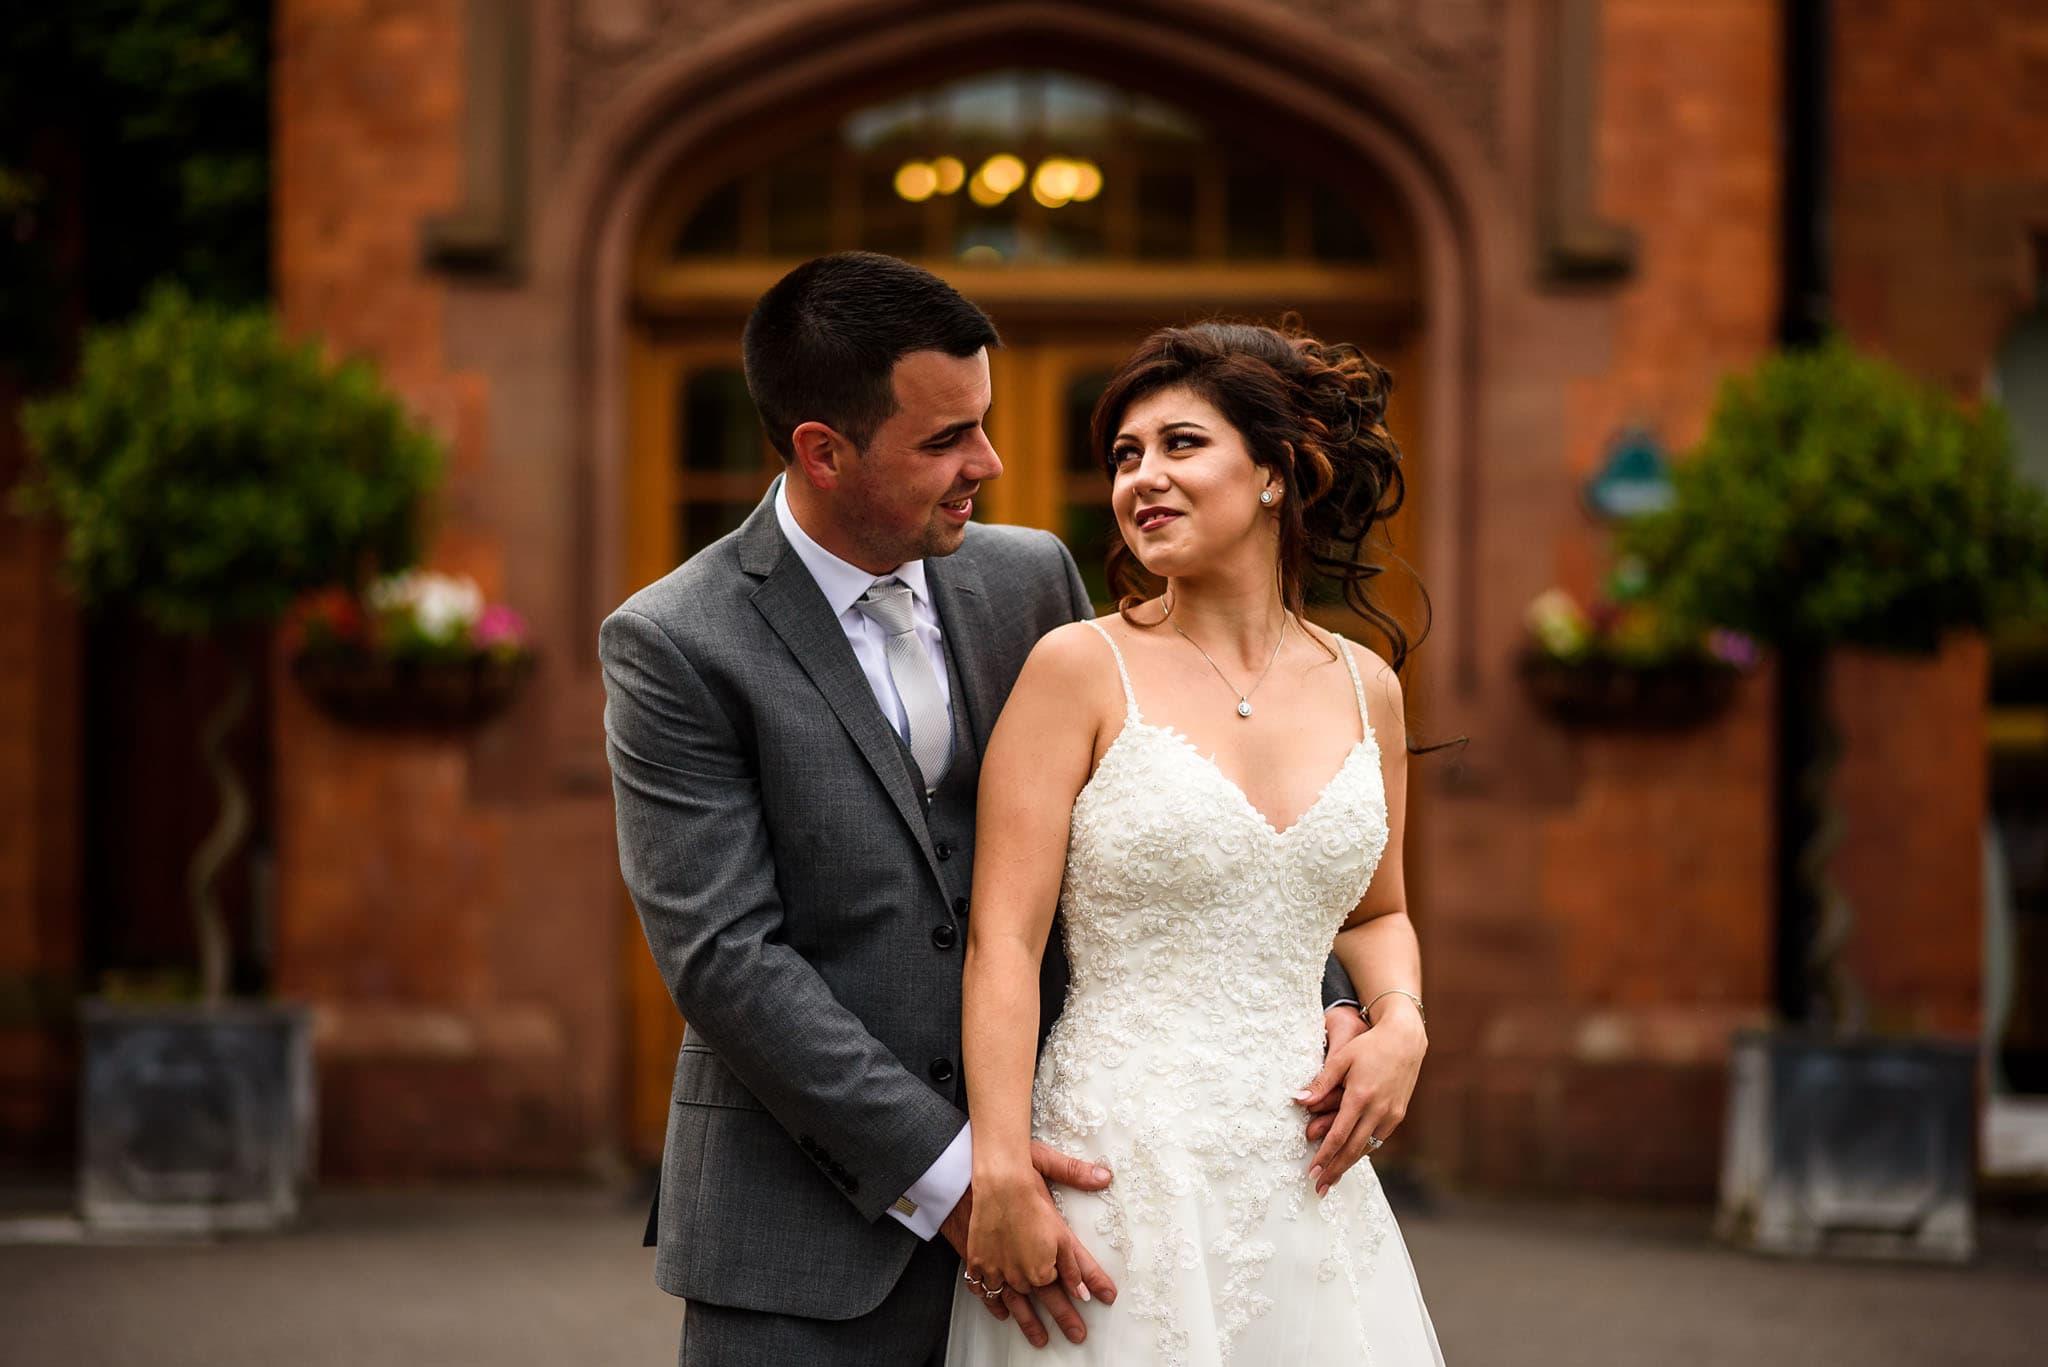 David and michaela wedding